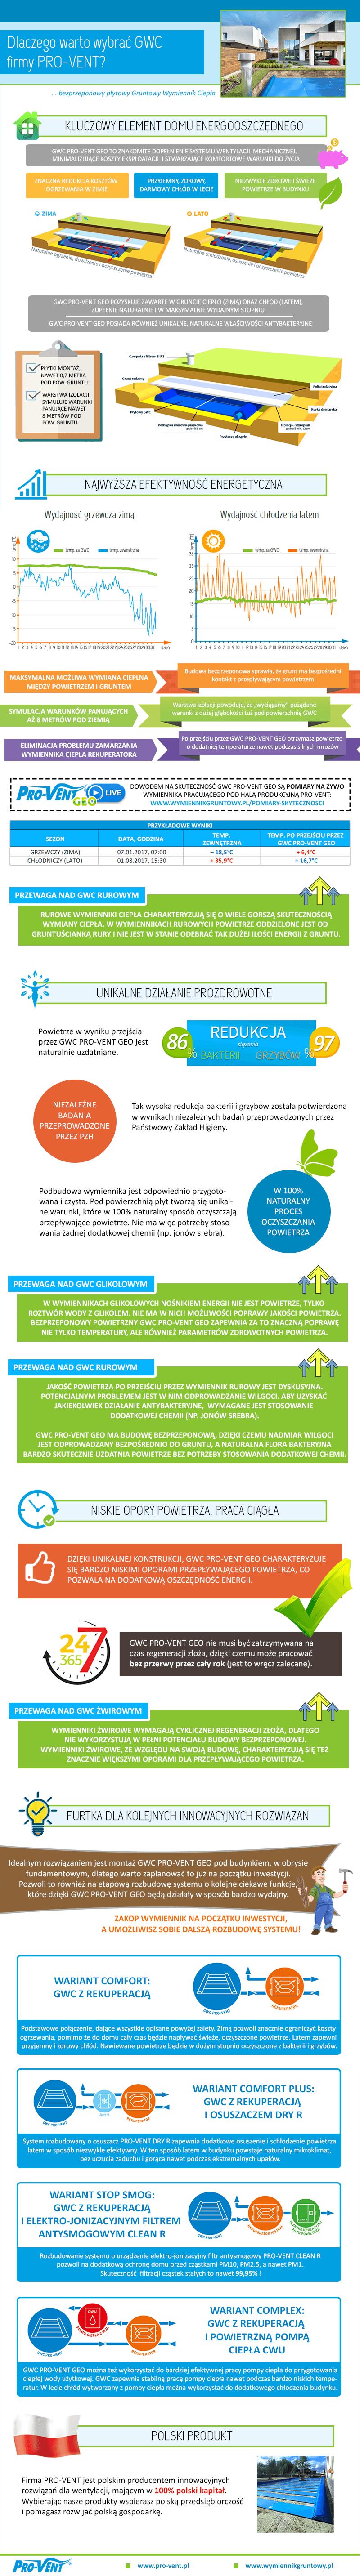 wybor-gwc-infografika